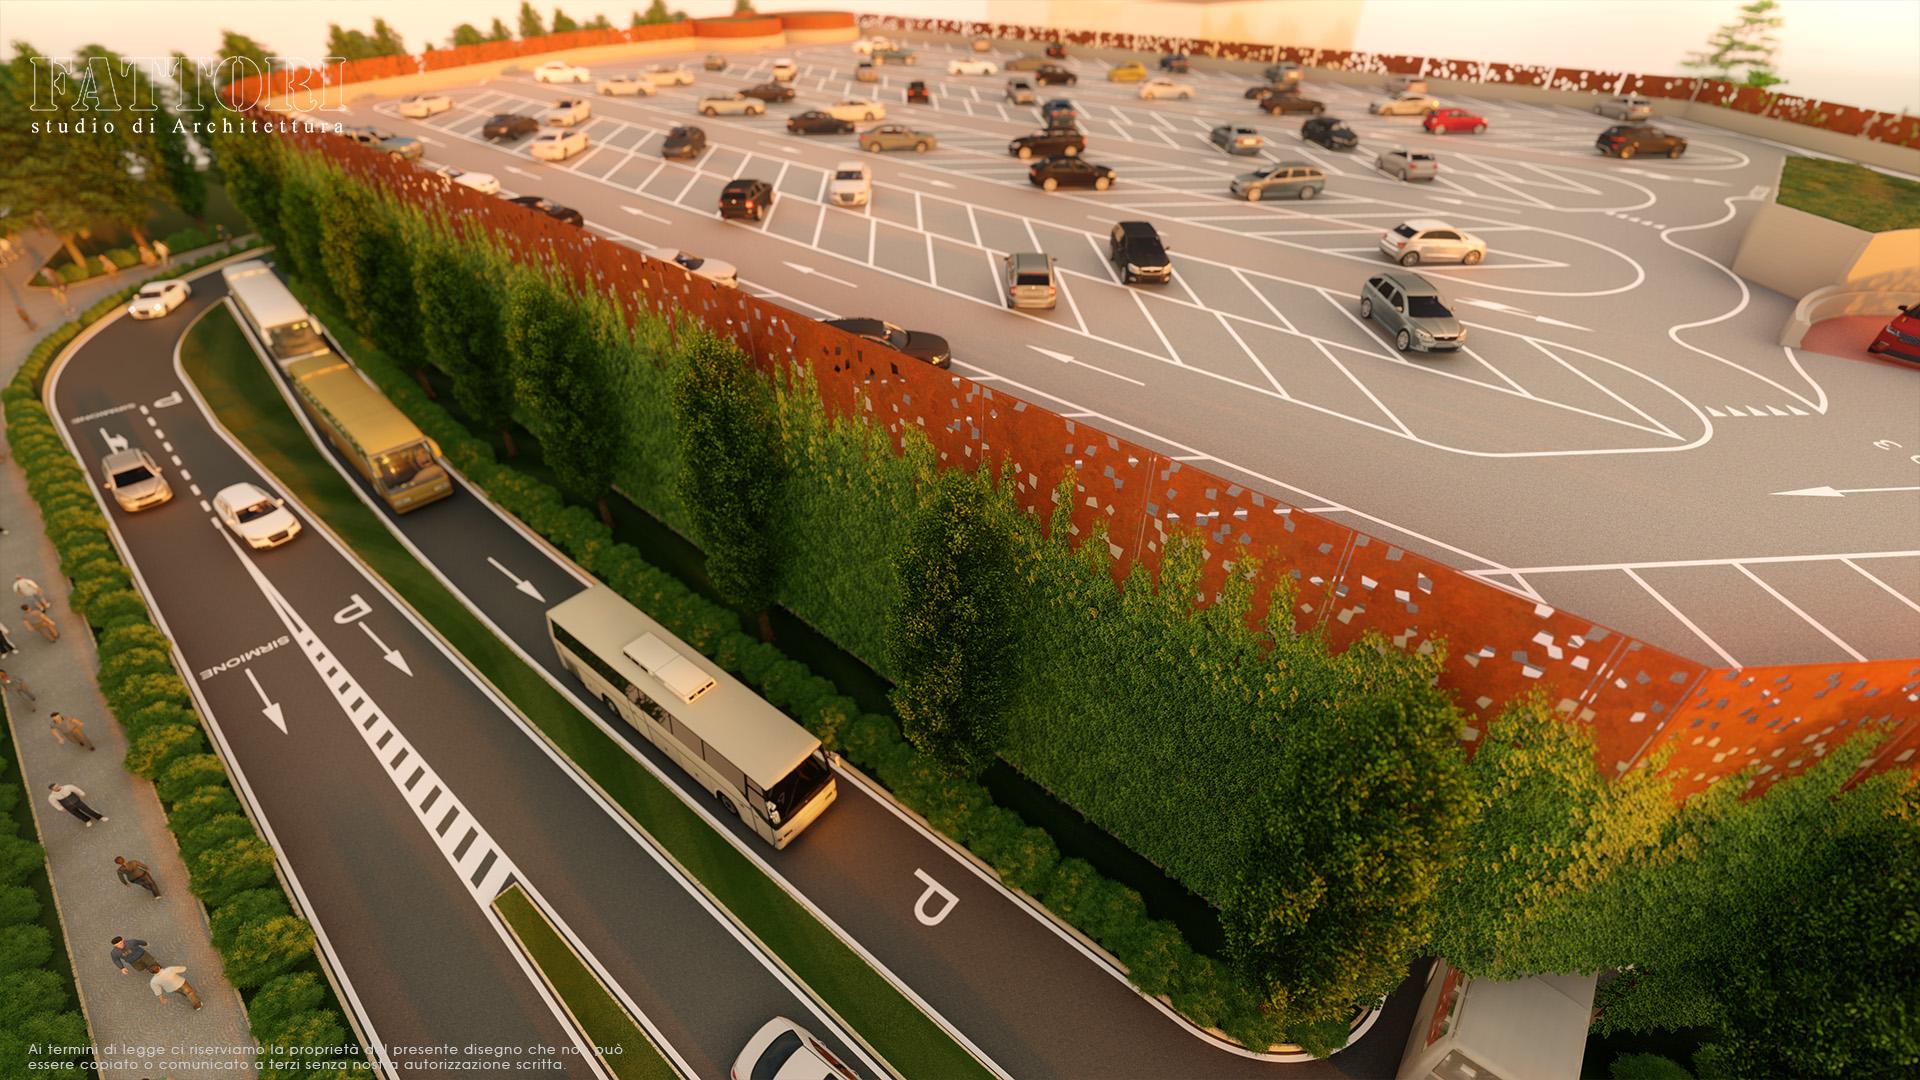 Studio di Architettura Fattori Fausto - Parcheggio Sirmione Multipiano Progetto 4